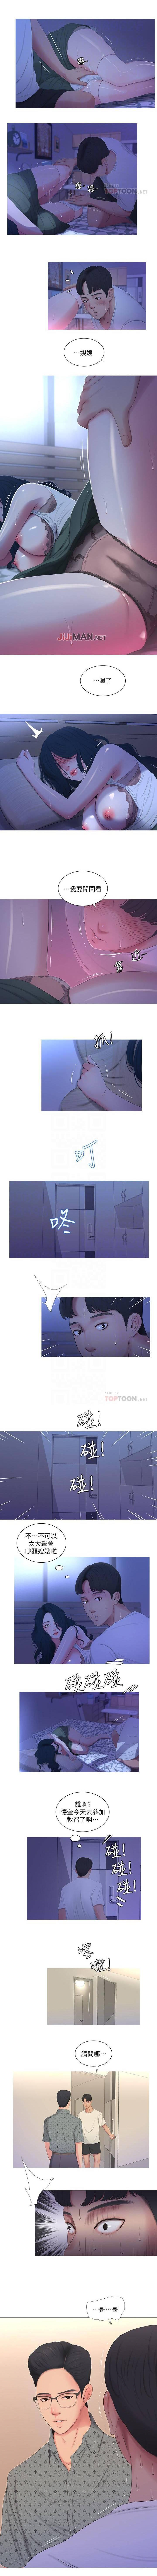 【周四连载】亲家四姐妹(作者:愛摸) 第1~27话 52